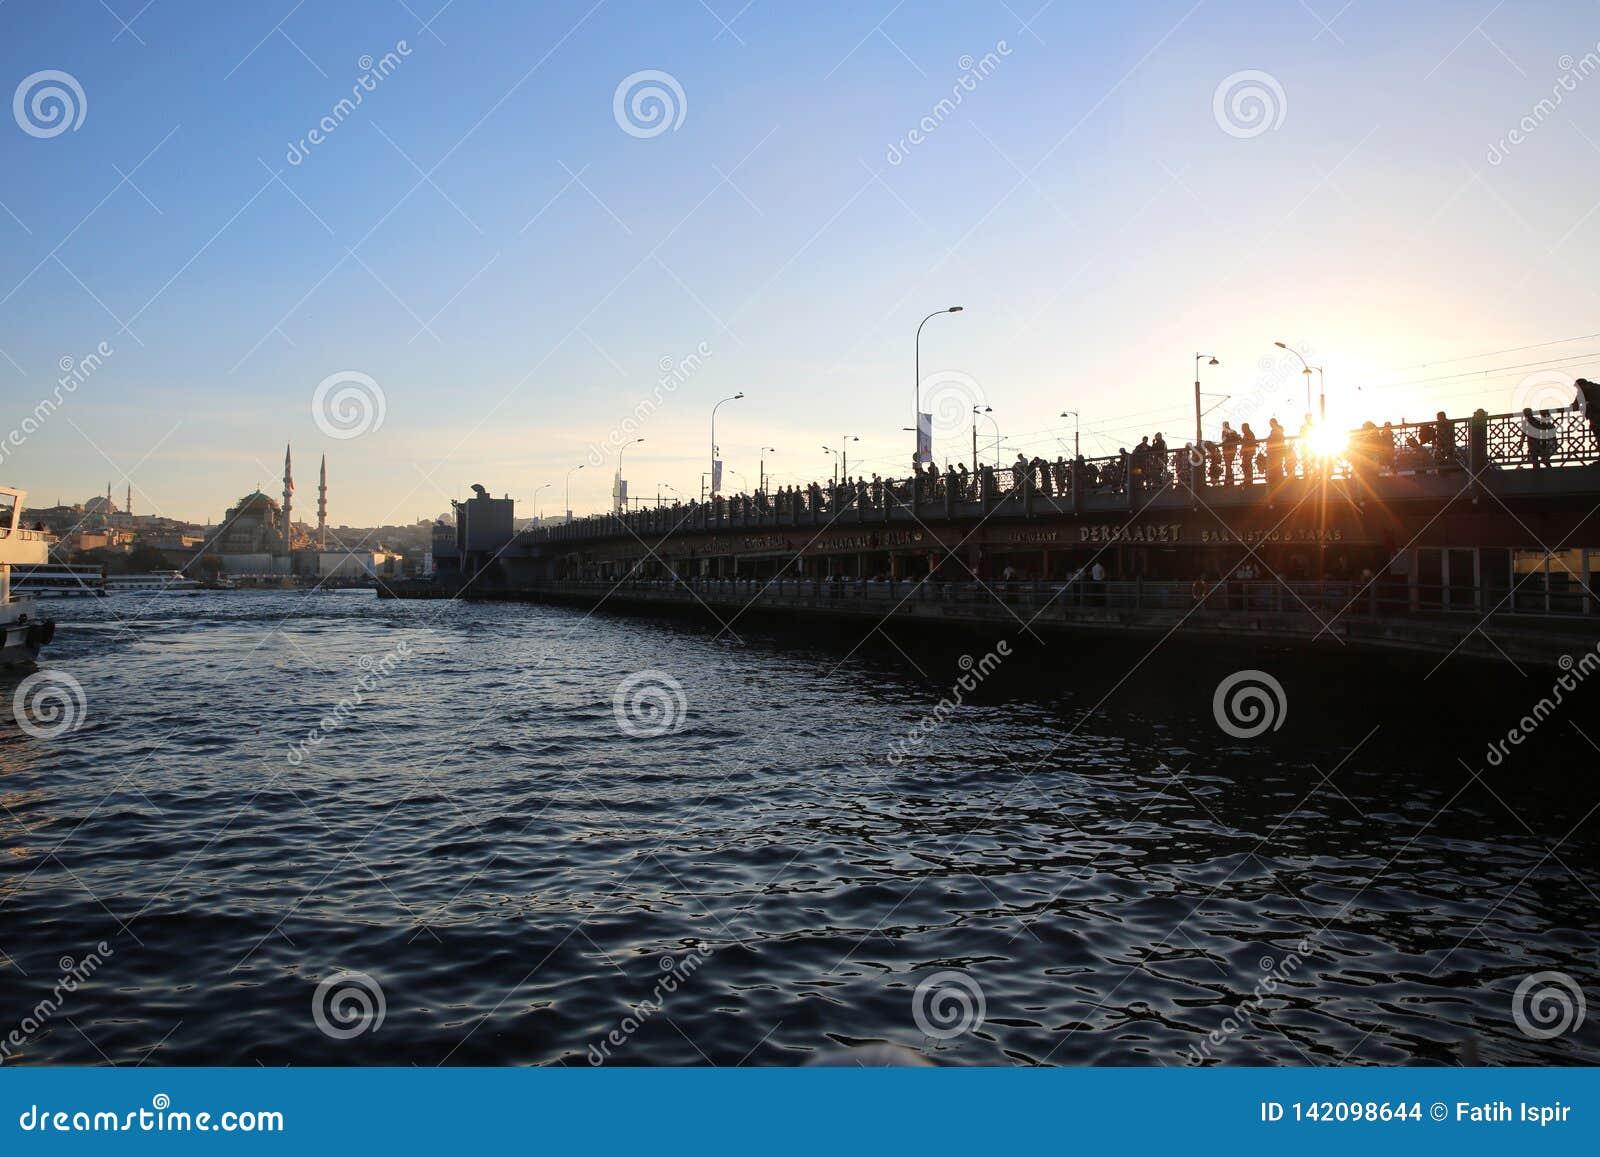 Bridge för istanbul för kustlinjegalataen som sexhörniga hav för räcke modeller är squarish in mot sikt